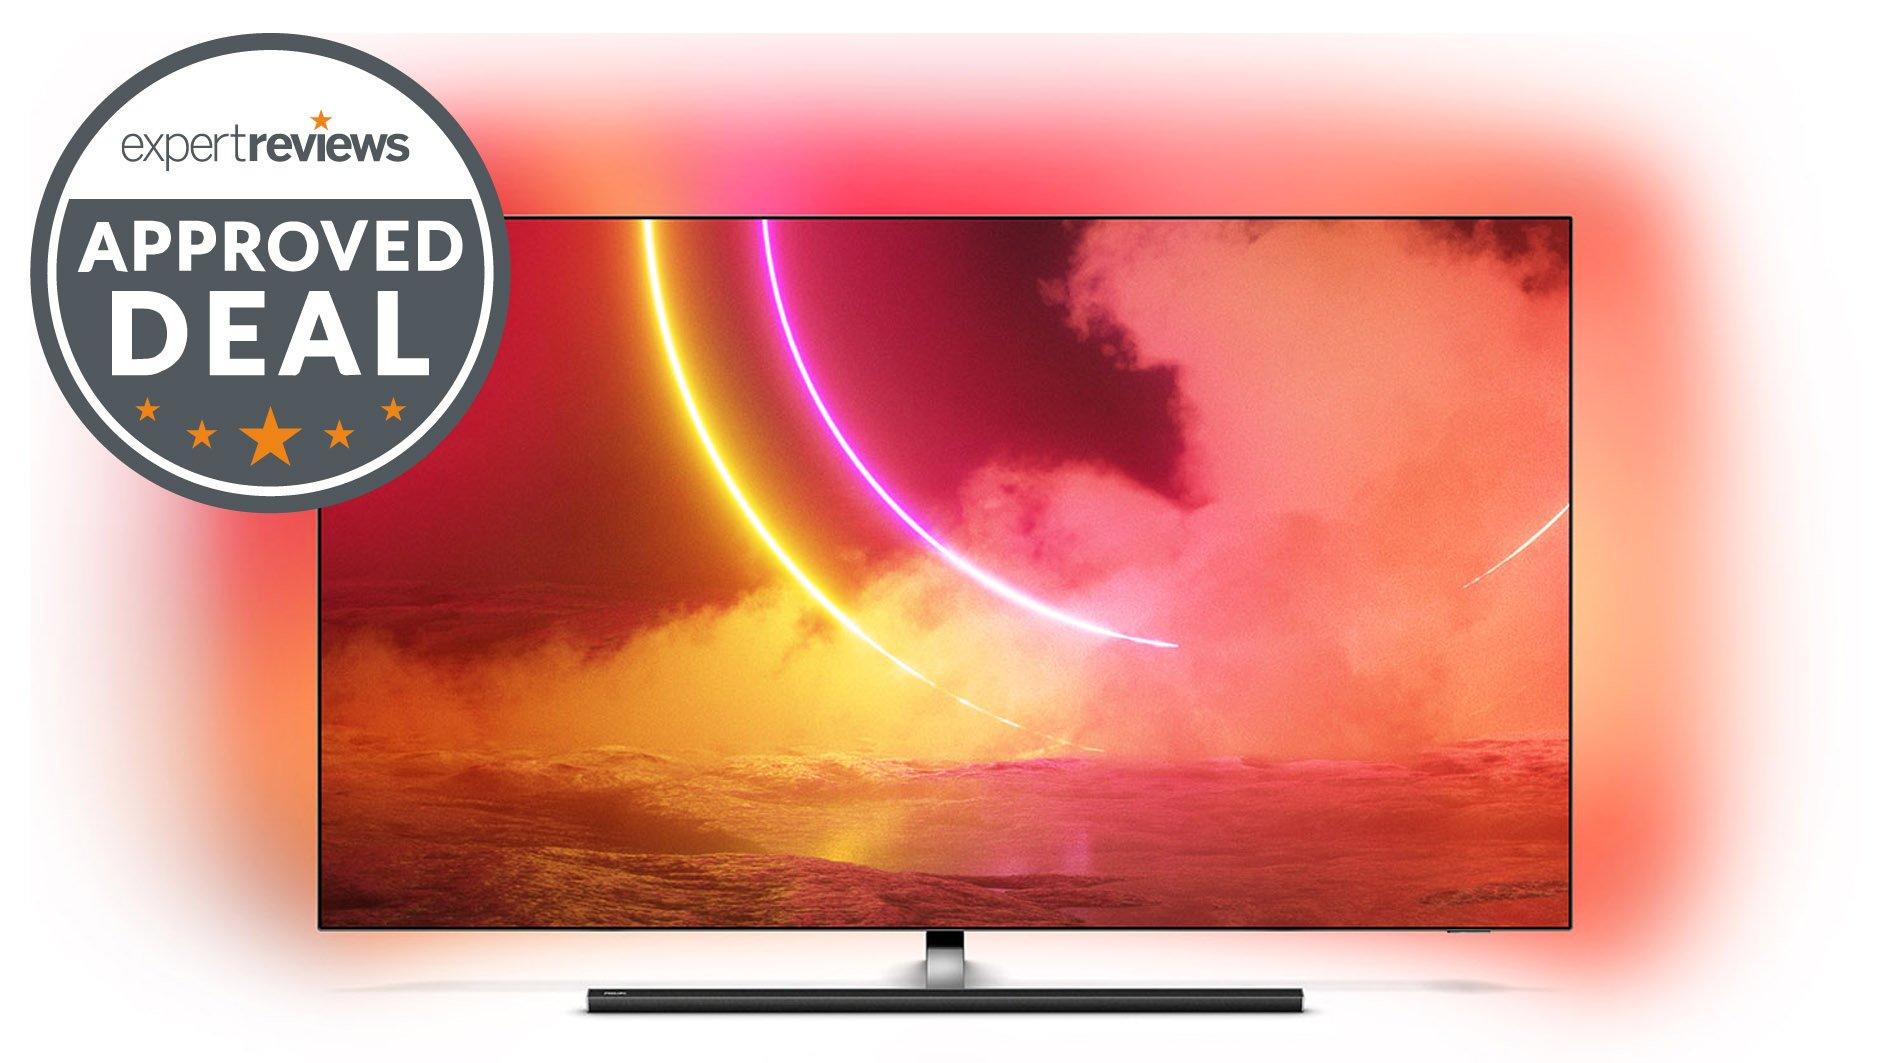 AMAZING Black Friday value on this Philips OLED TV